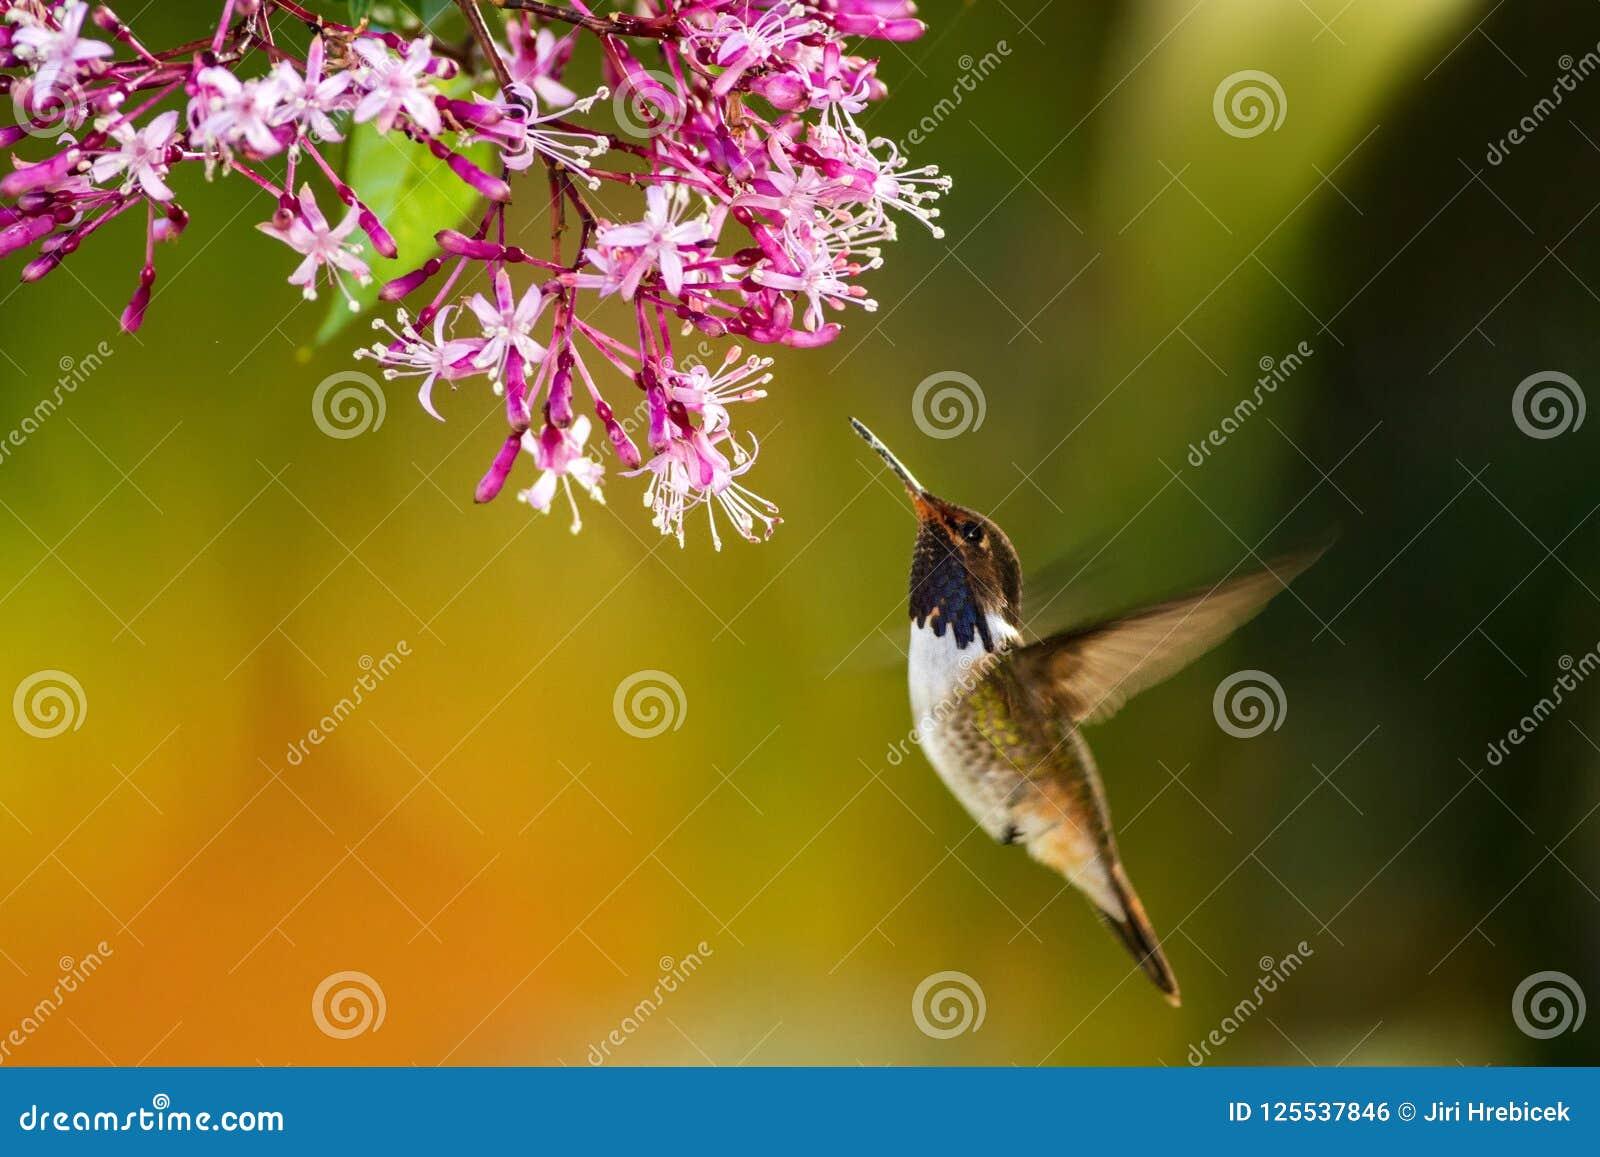 Volcano Hummingbird som svävar bredvid rosa färger, blommar i trädgården, fågel från den tropiska skogen för berget, Savegre, Cos